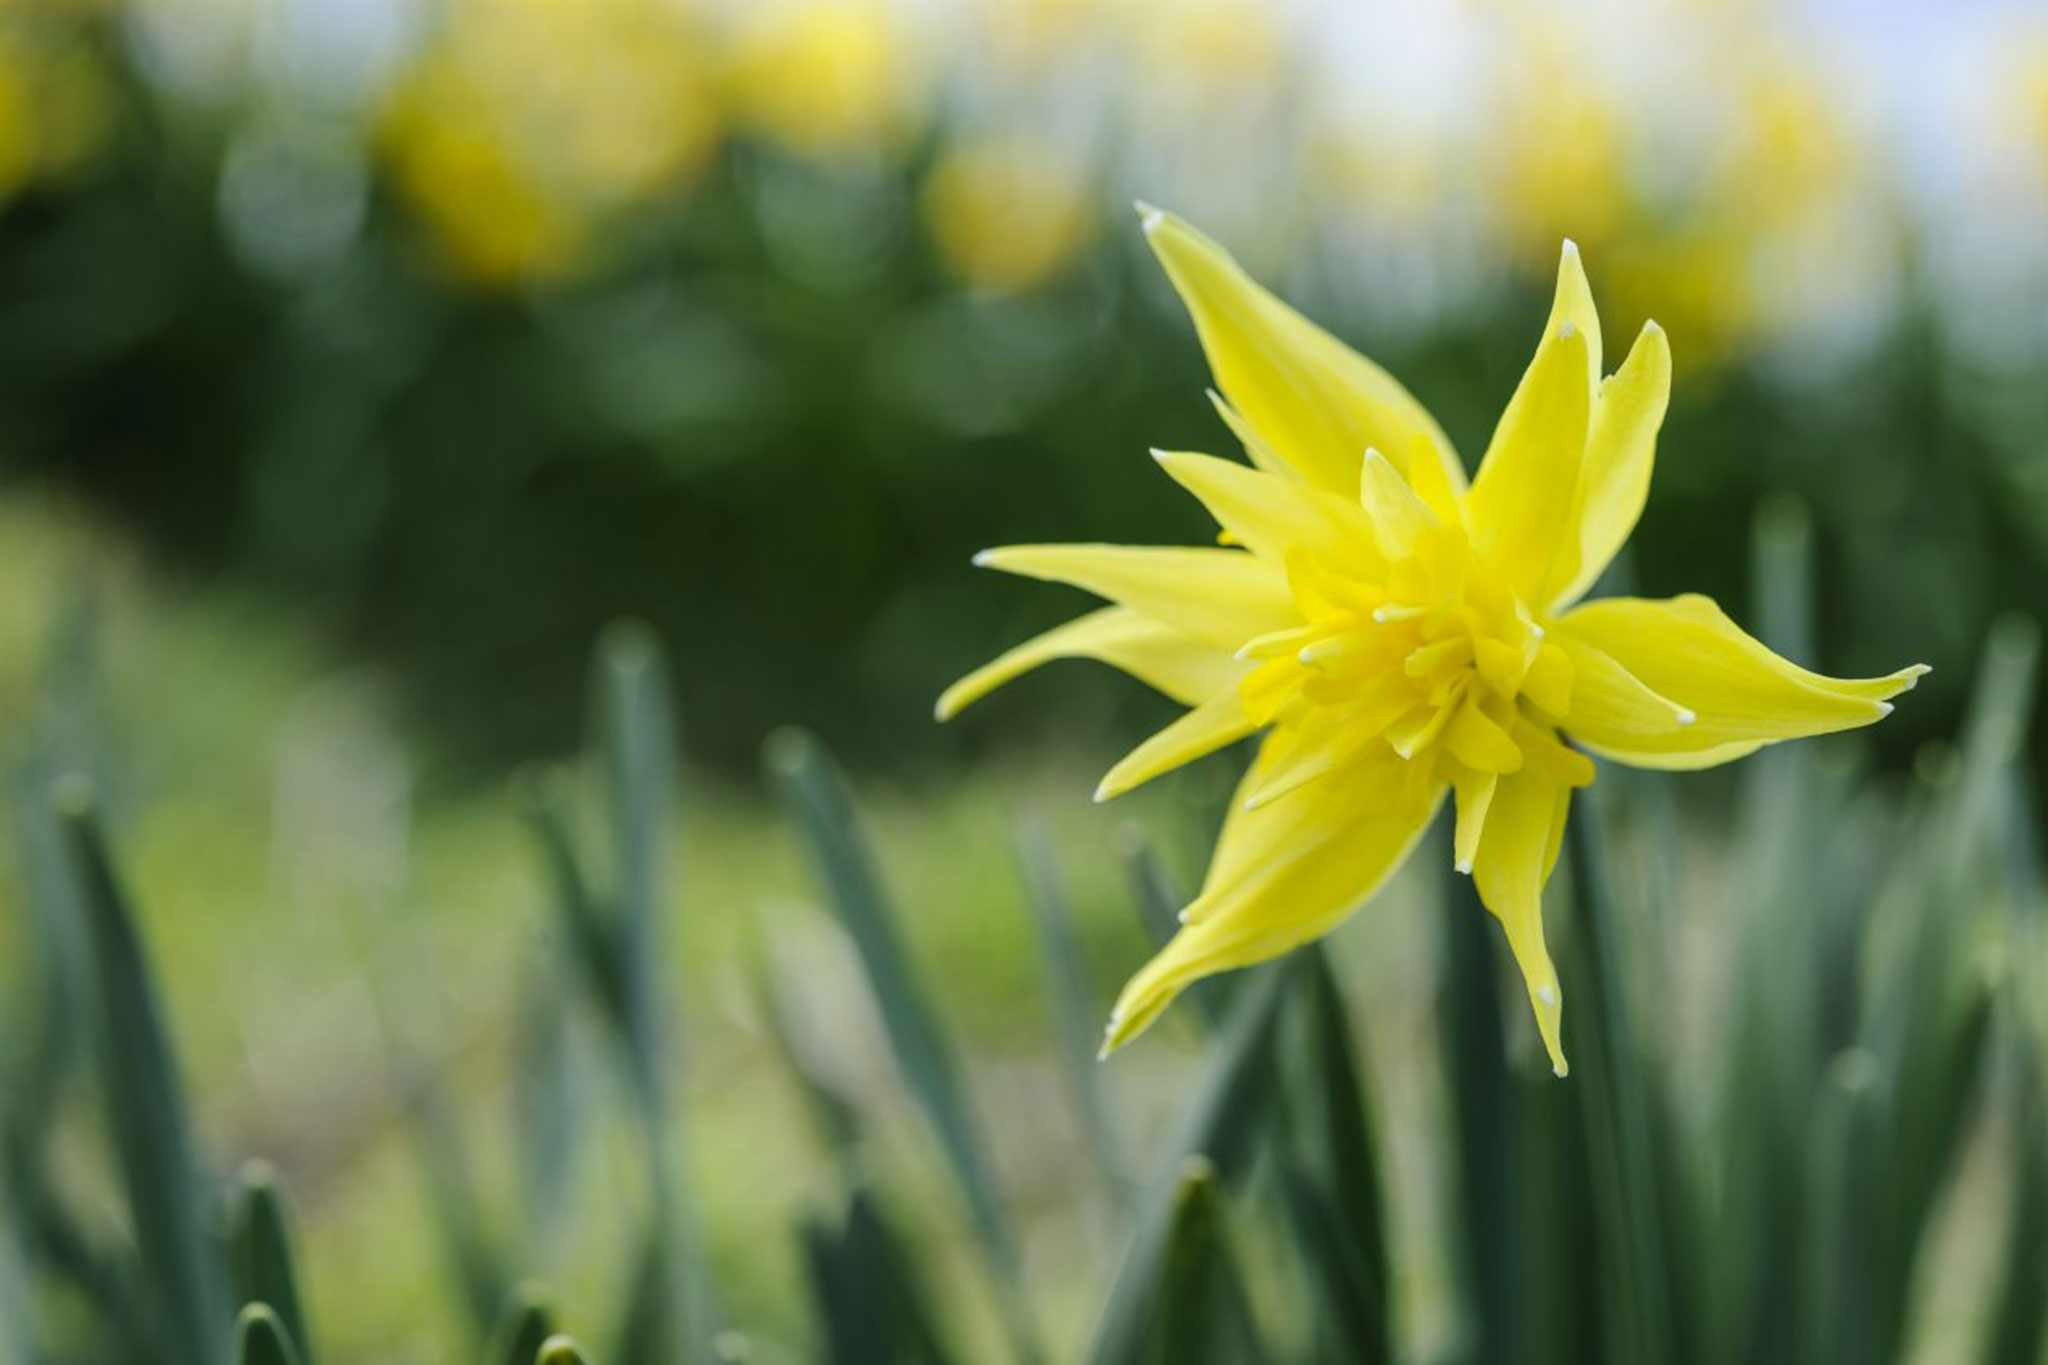 Narcissus 'Rip van Winkle'